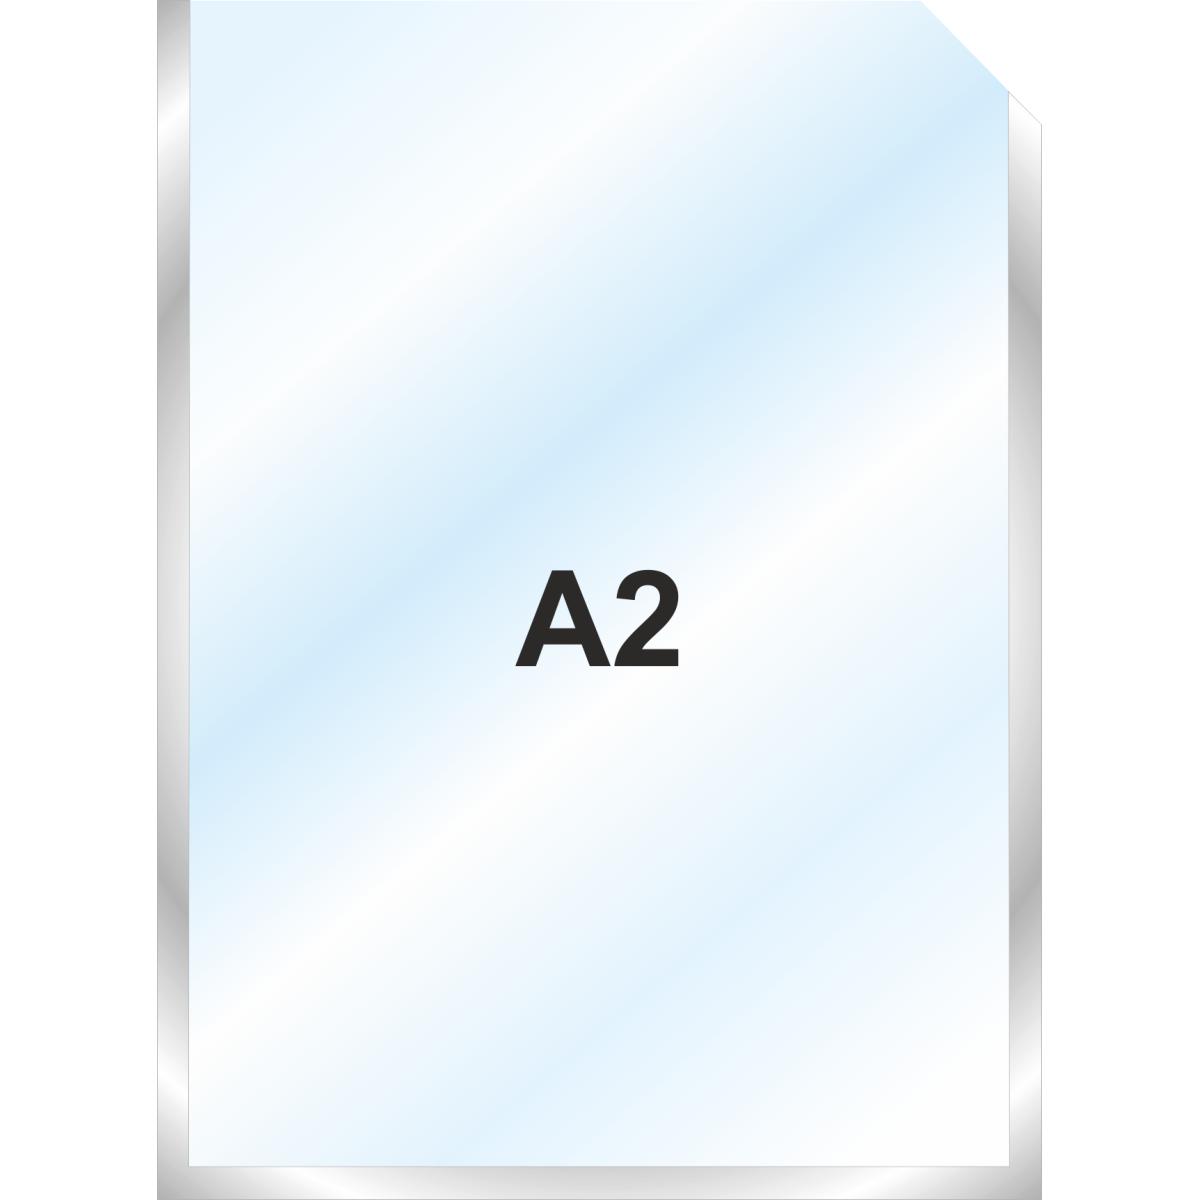 Пластиковый карман А2 вертикальный самоклеящийся, СЕРЕБРИСТЫЙ